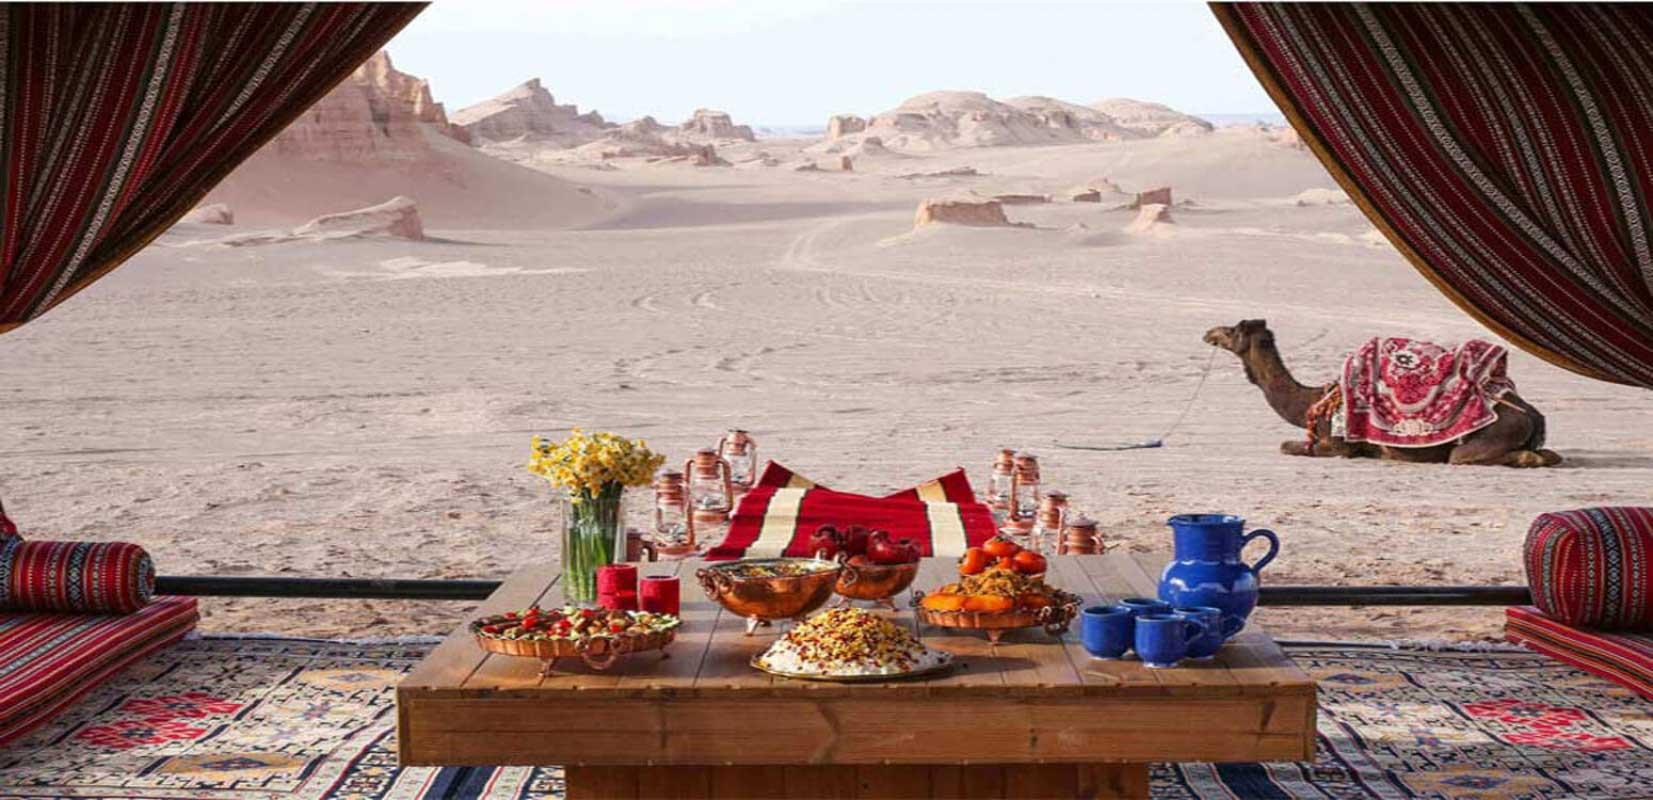 اسلایدر، iran private tours، Holiday tour to Iran، gapatour